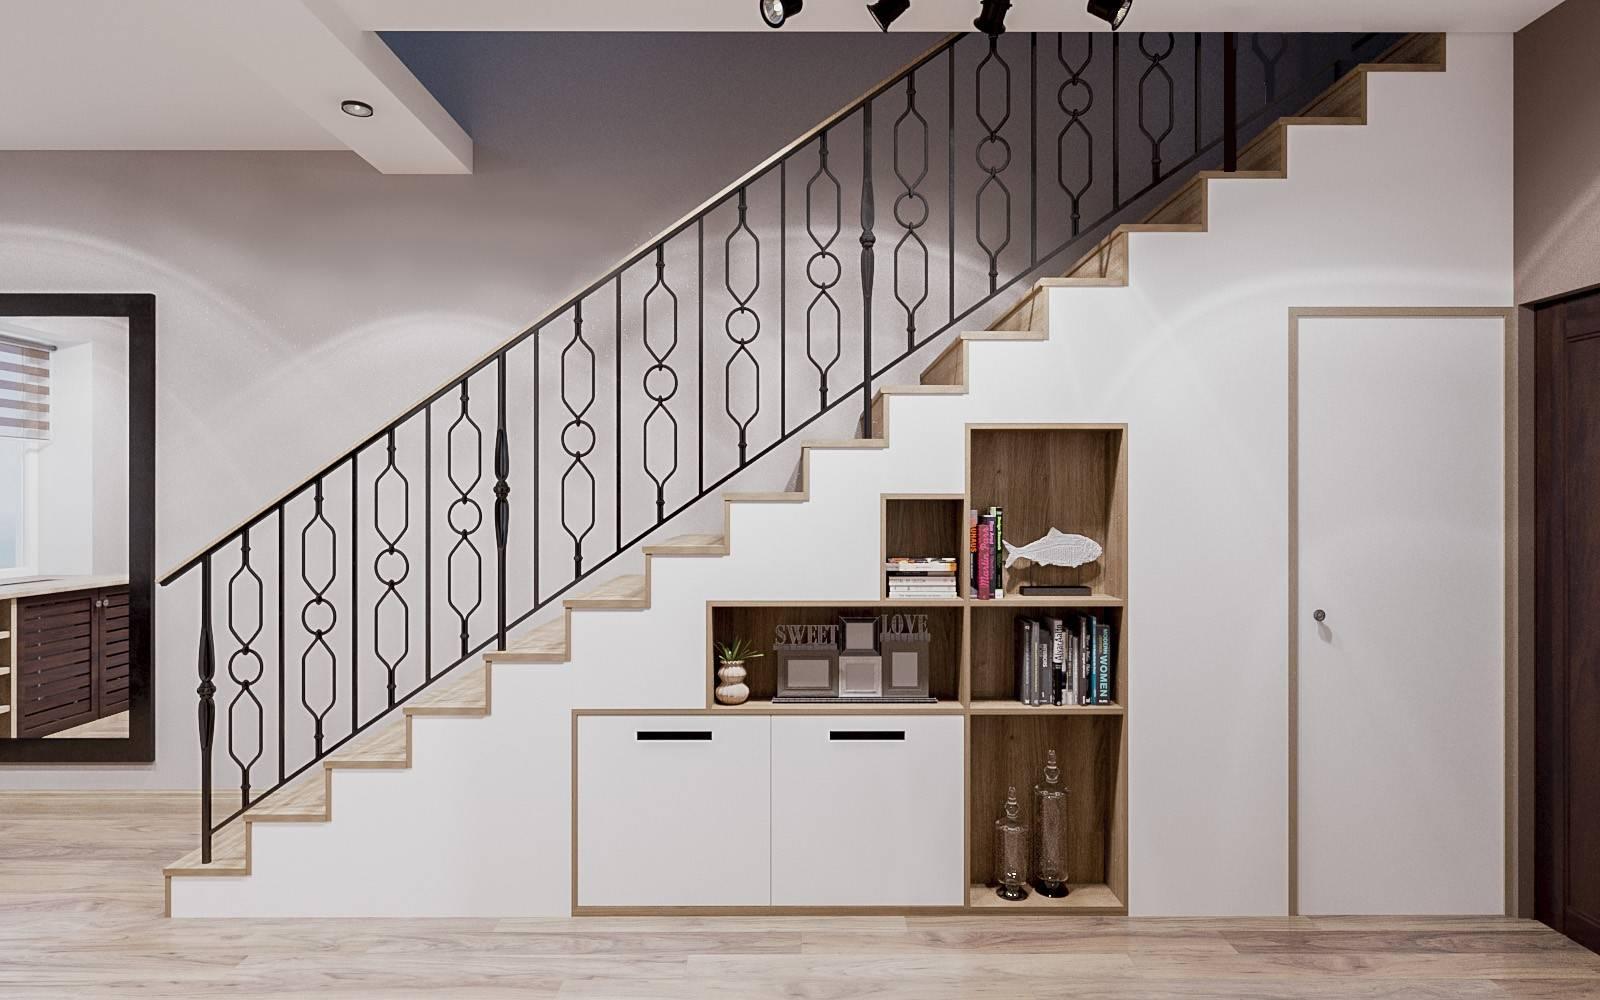 Интерьер лестницы в доме: рассмотрим варианты